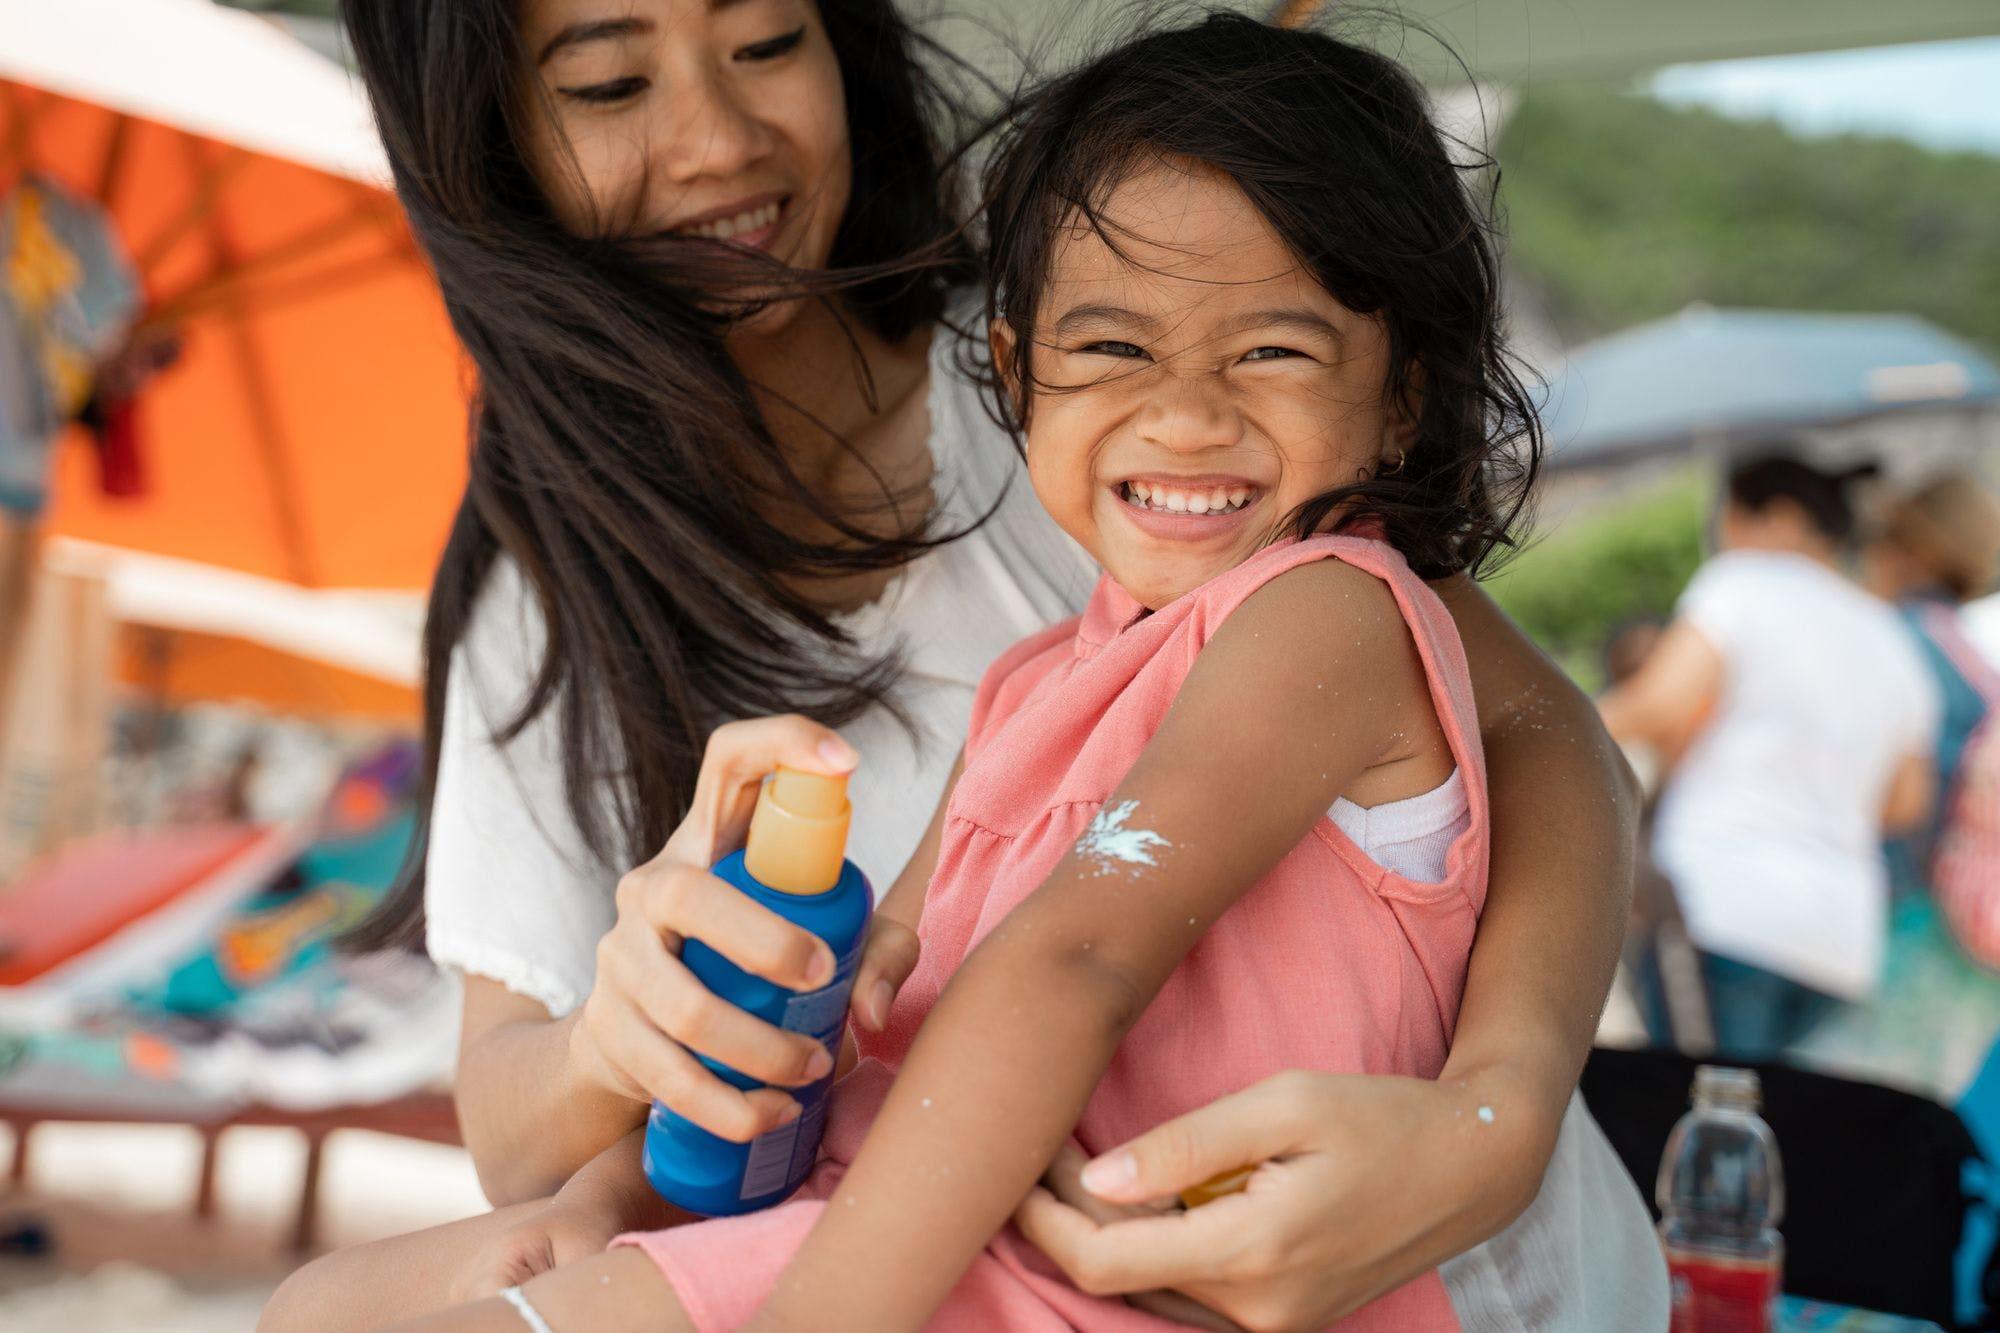 A parent sprays sunscreen onto a smiling child.